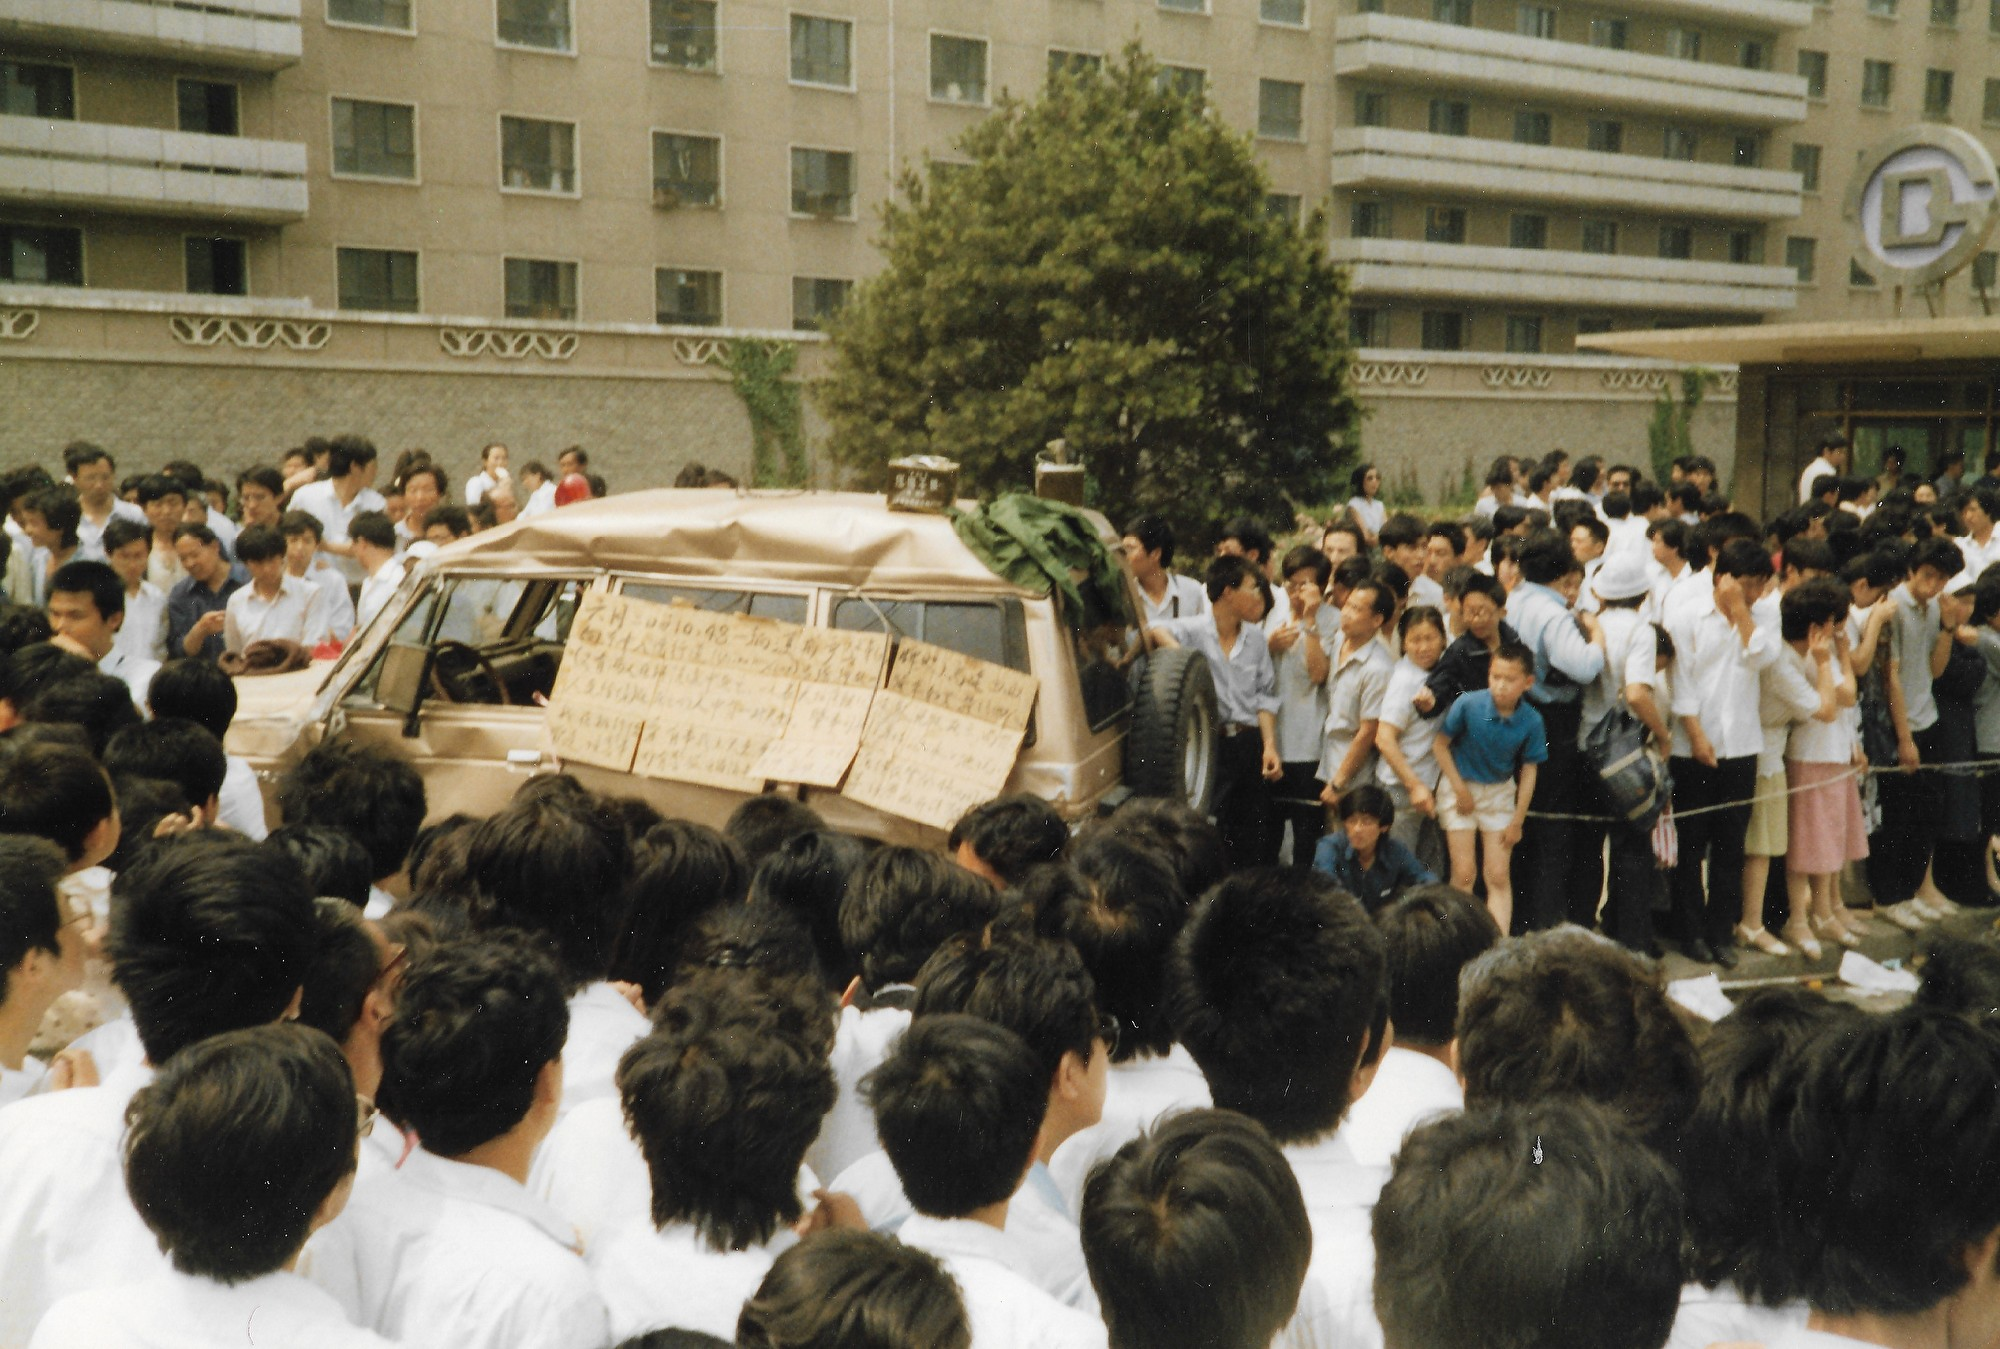 1989年6月3日上午,北京市復興路22樓下。此為壓死3人的軍警車。(王珍提供)